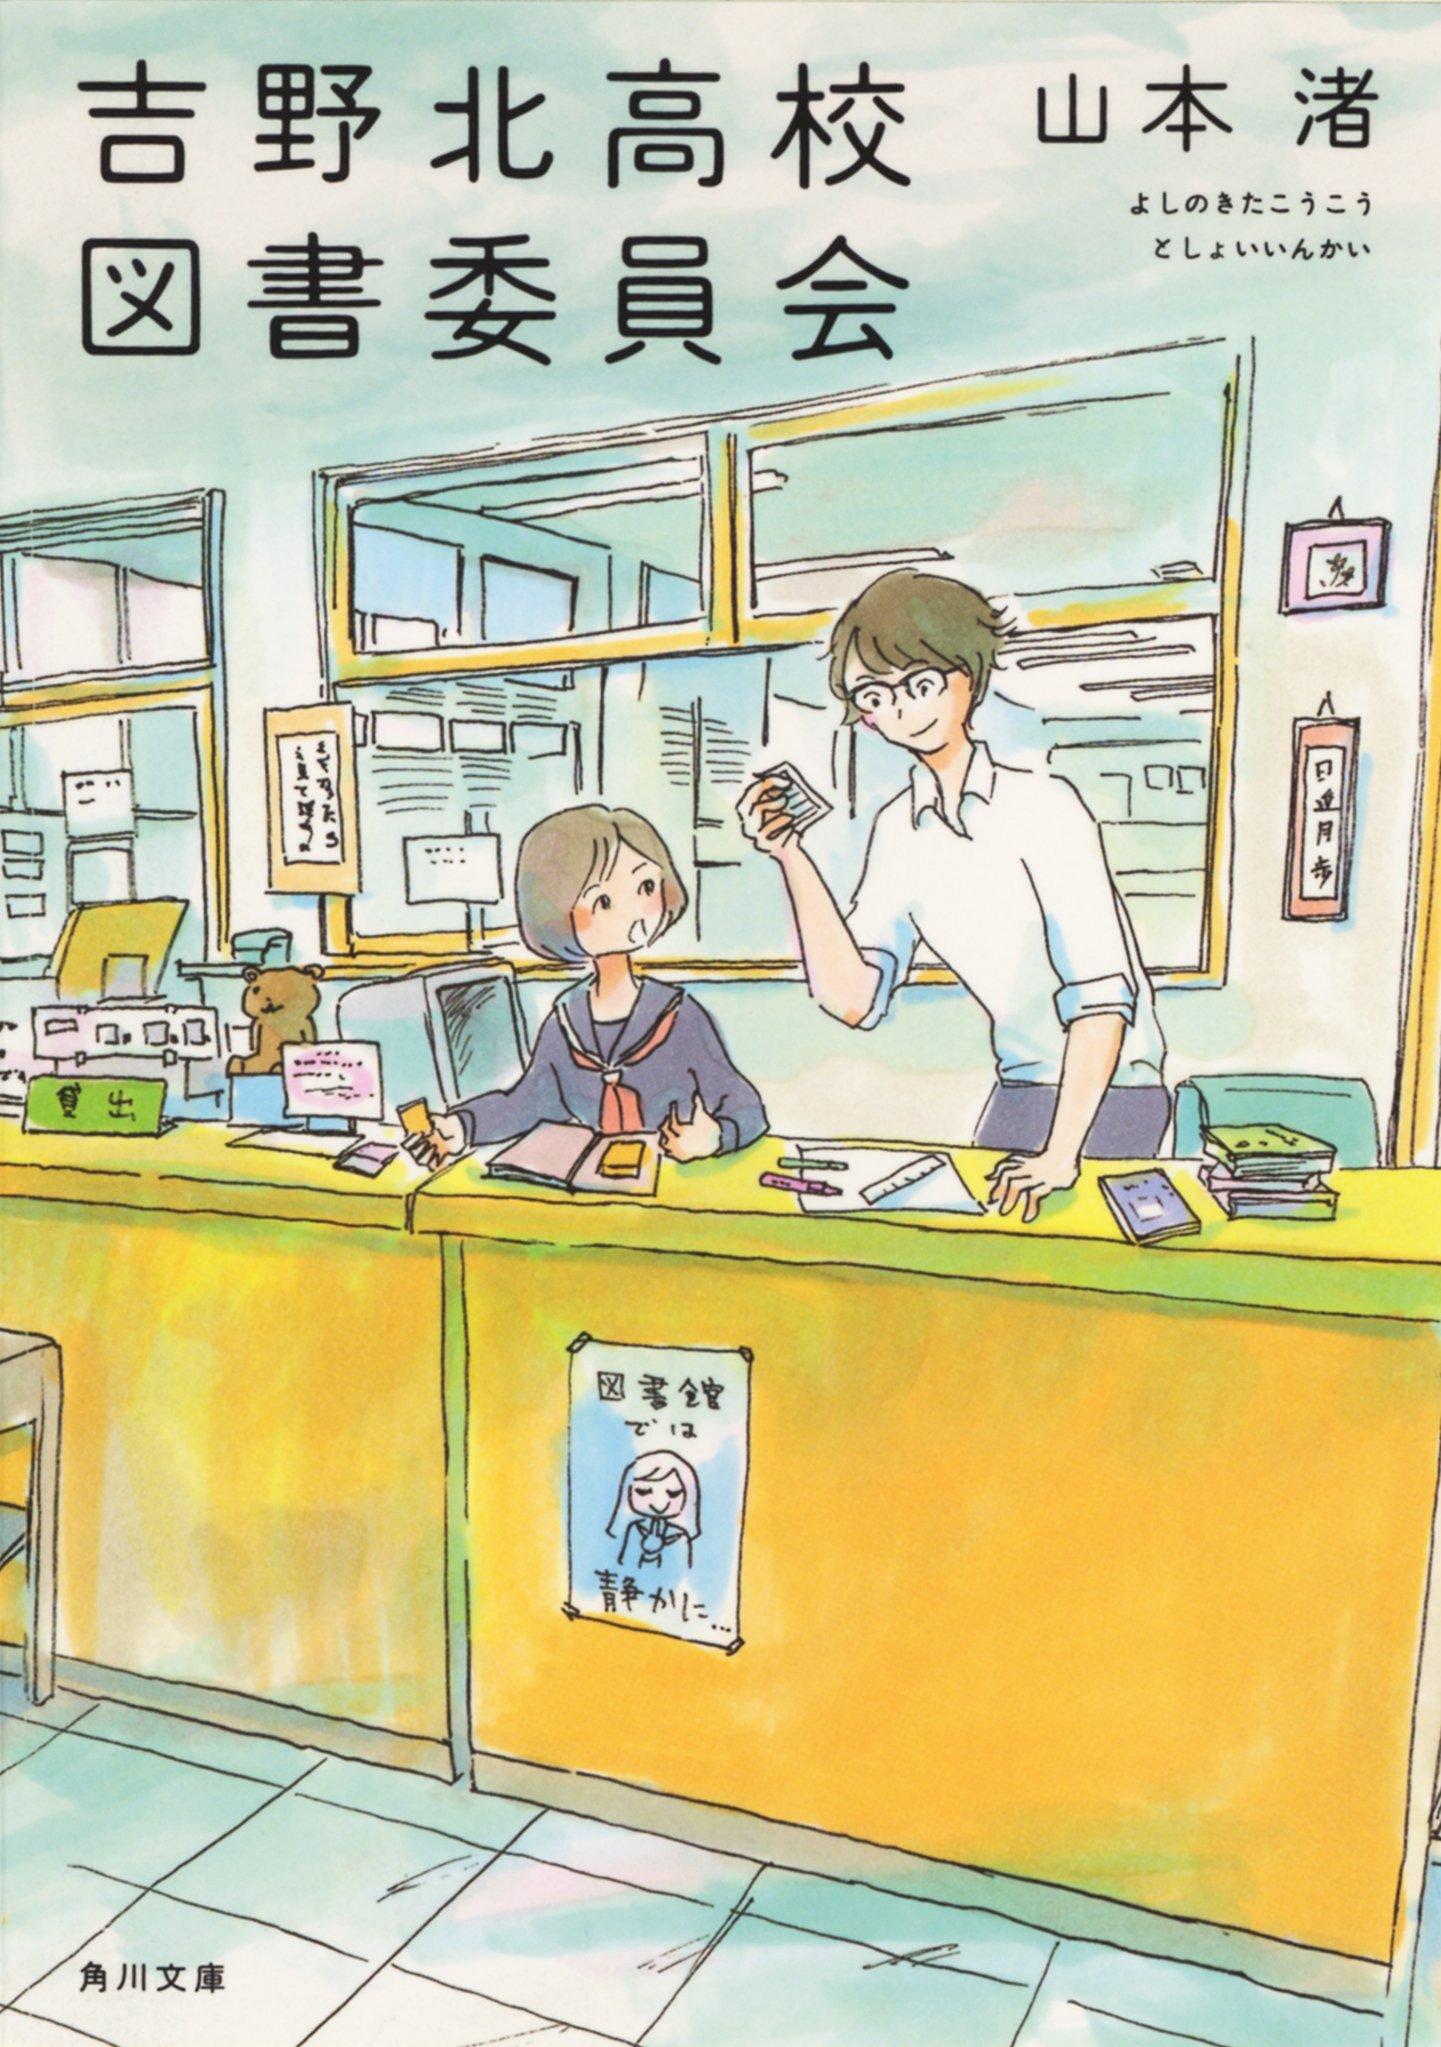 おすすめの青春小説6選!恋愛、友情、一瞬の煌めきを描いた作品